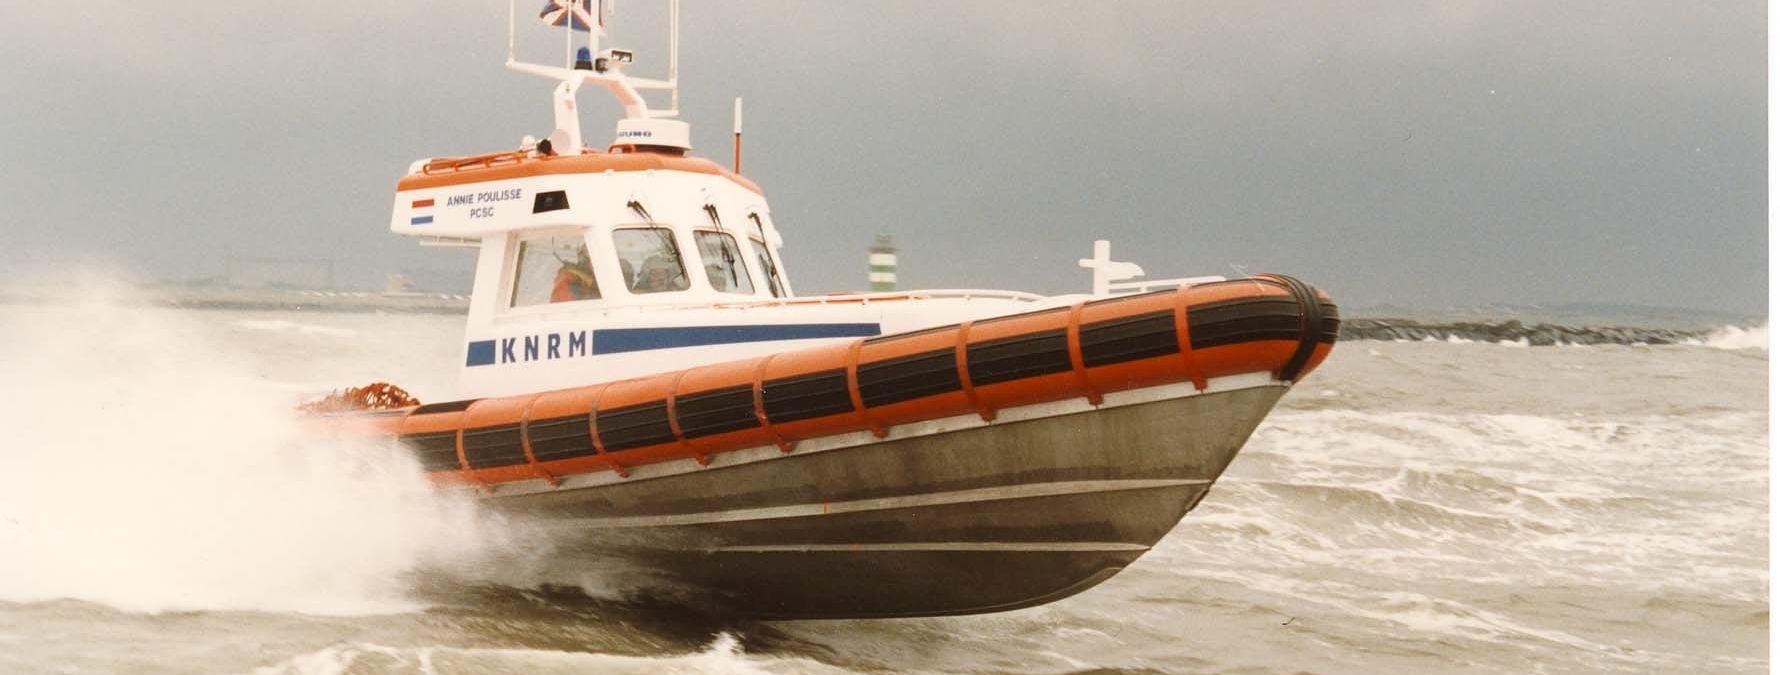 Reddingboot Annie Poulisse